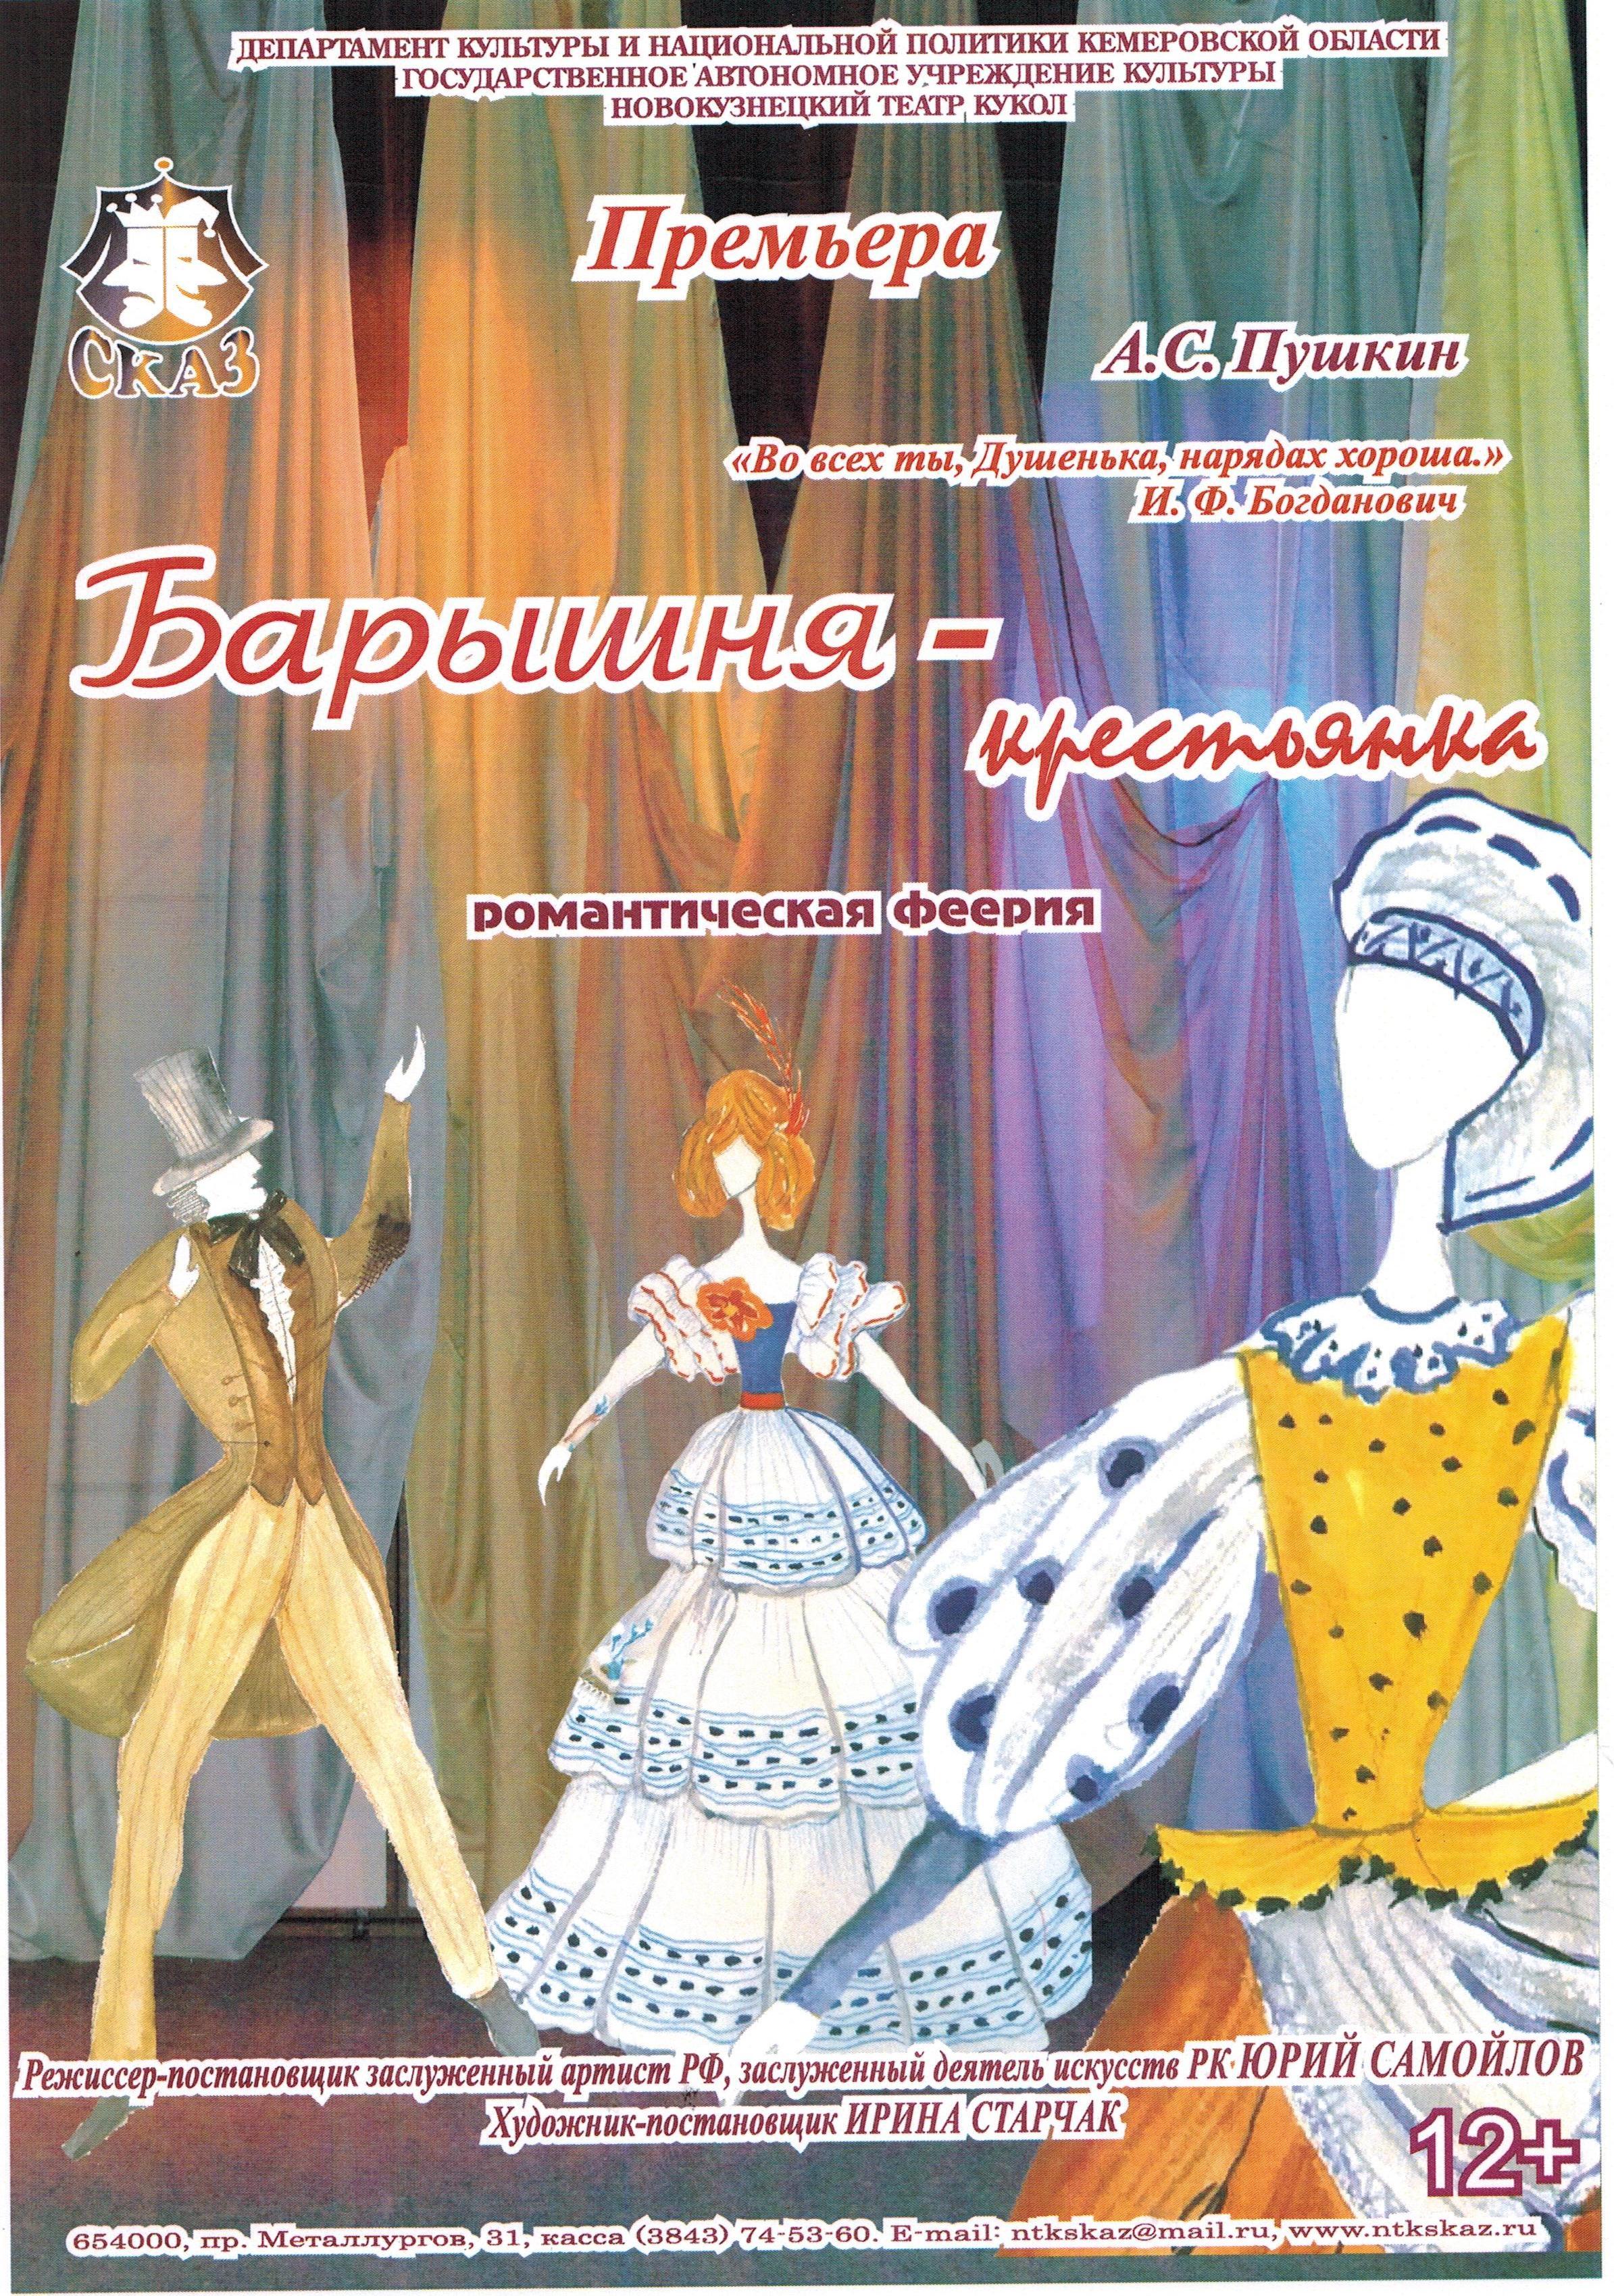 Театр кукол сказ в новокузнецке афиша при покупке билетов в кино через интернет